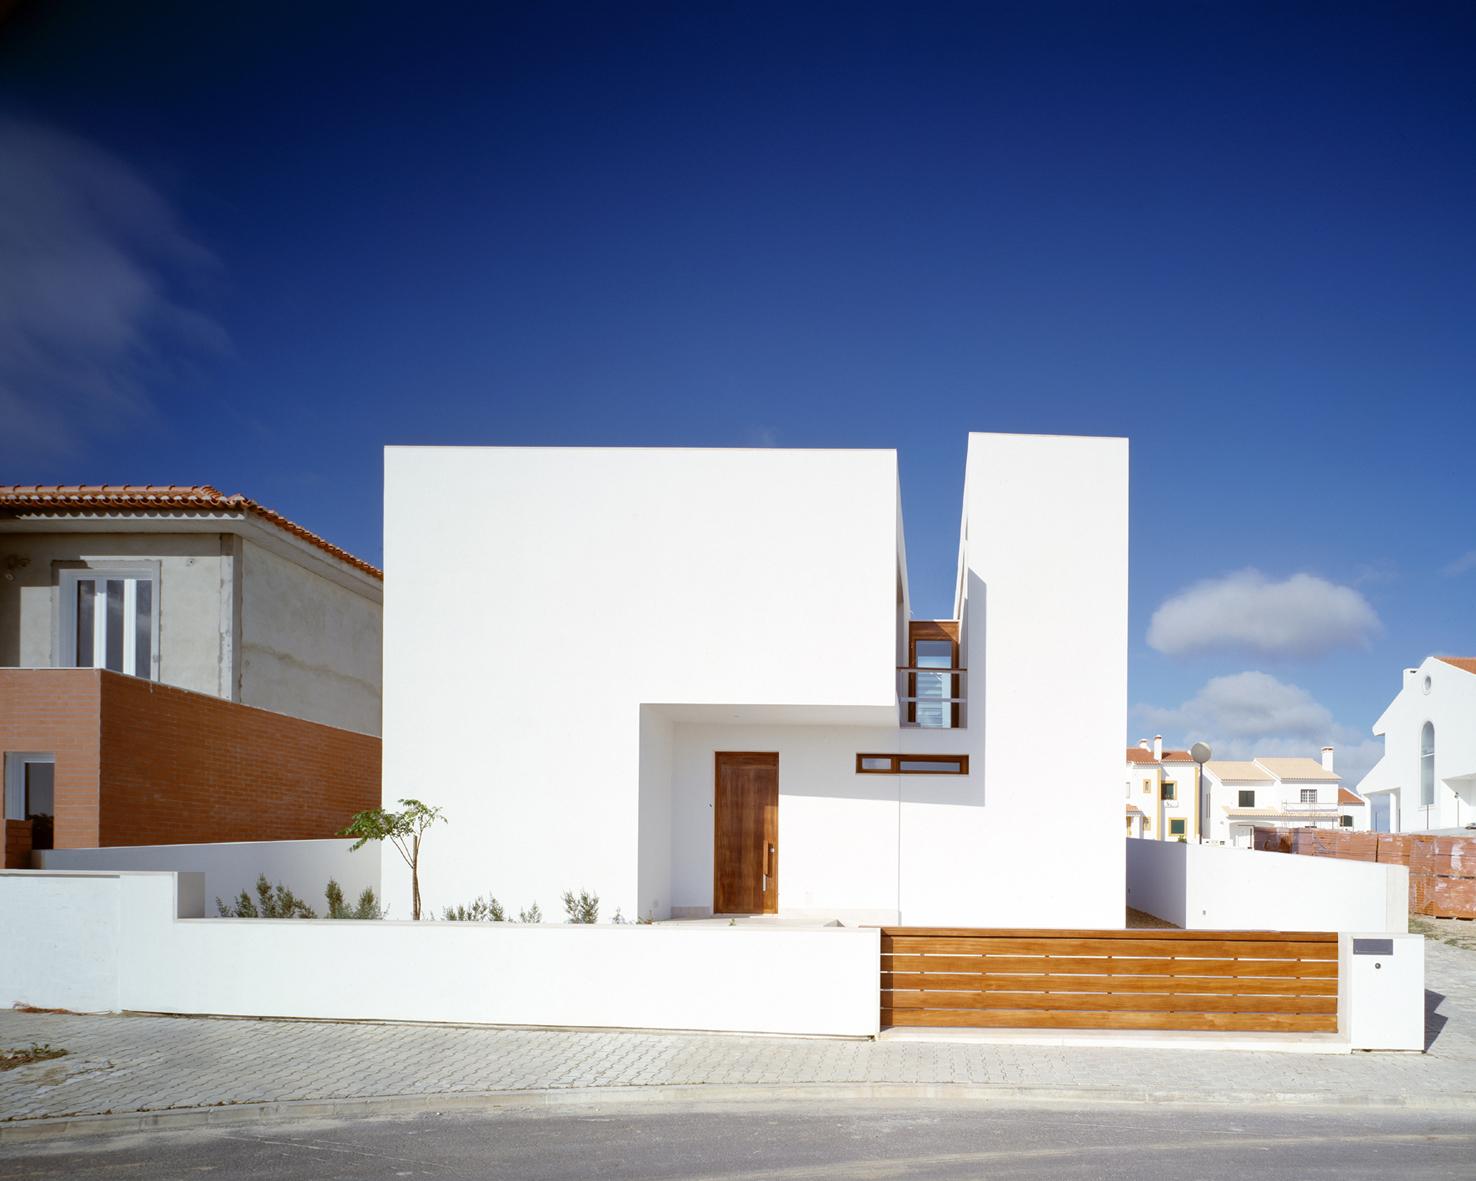 Casa em Grândola / ARX Portugal, © Daniel Malhão